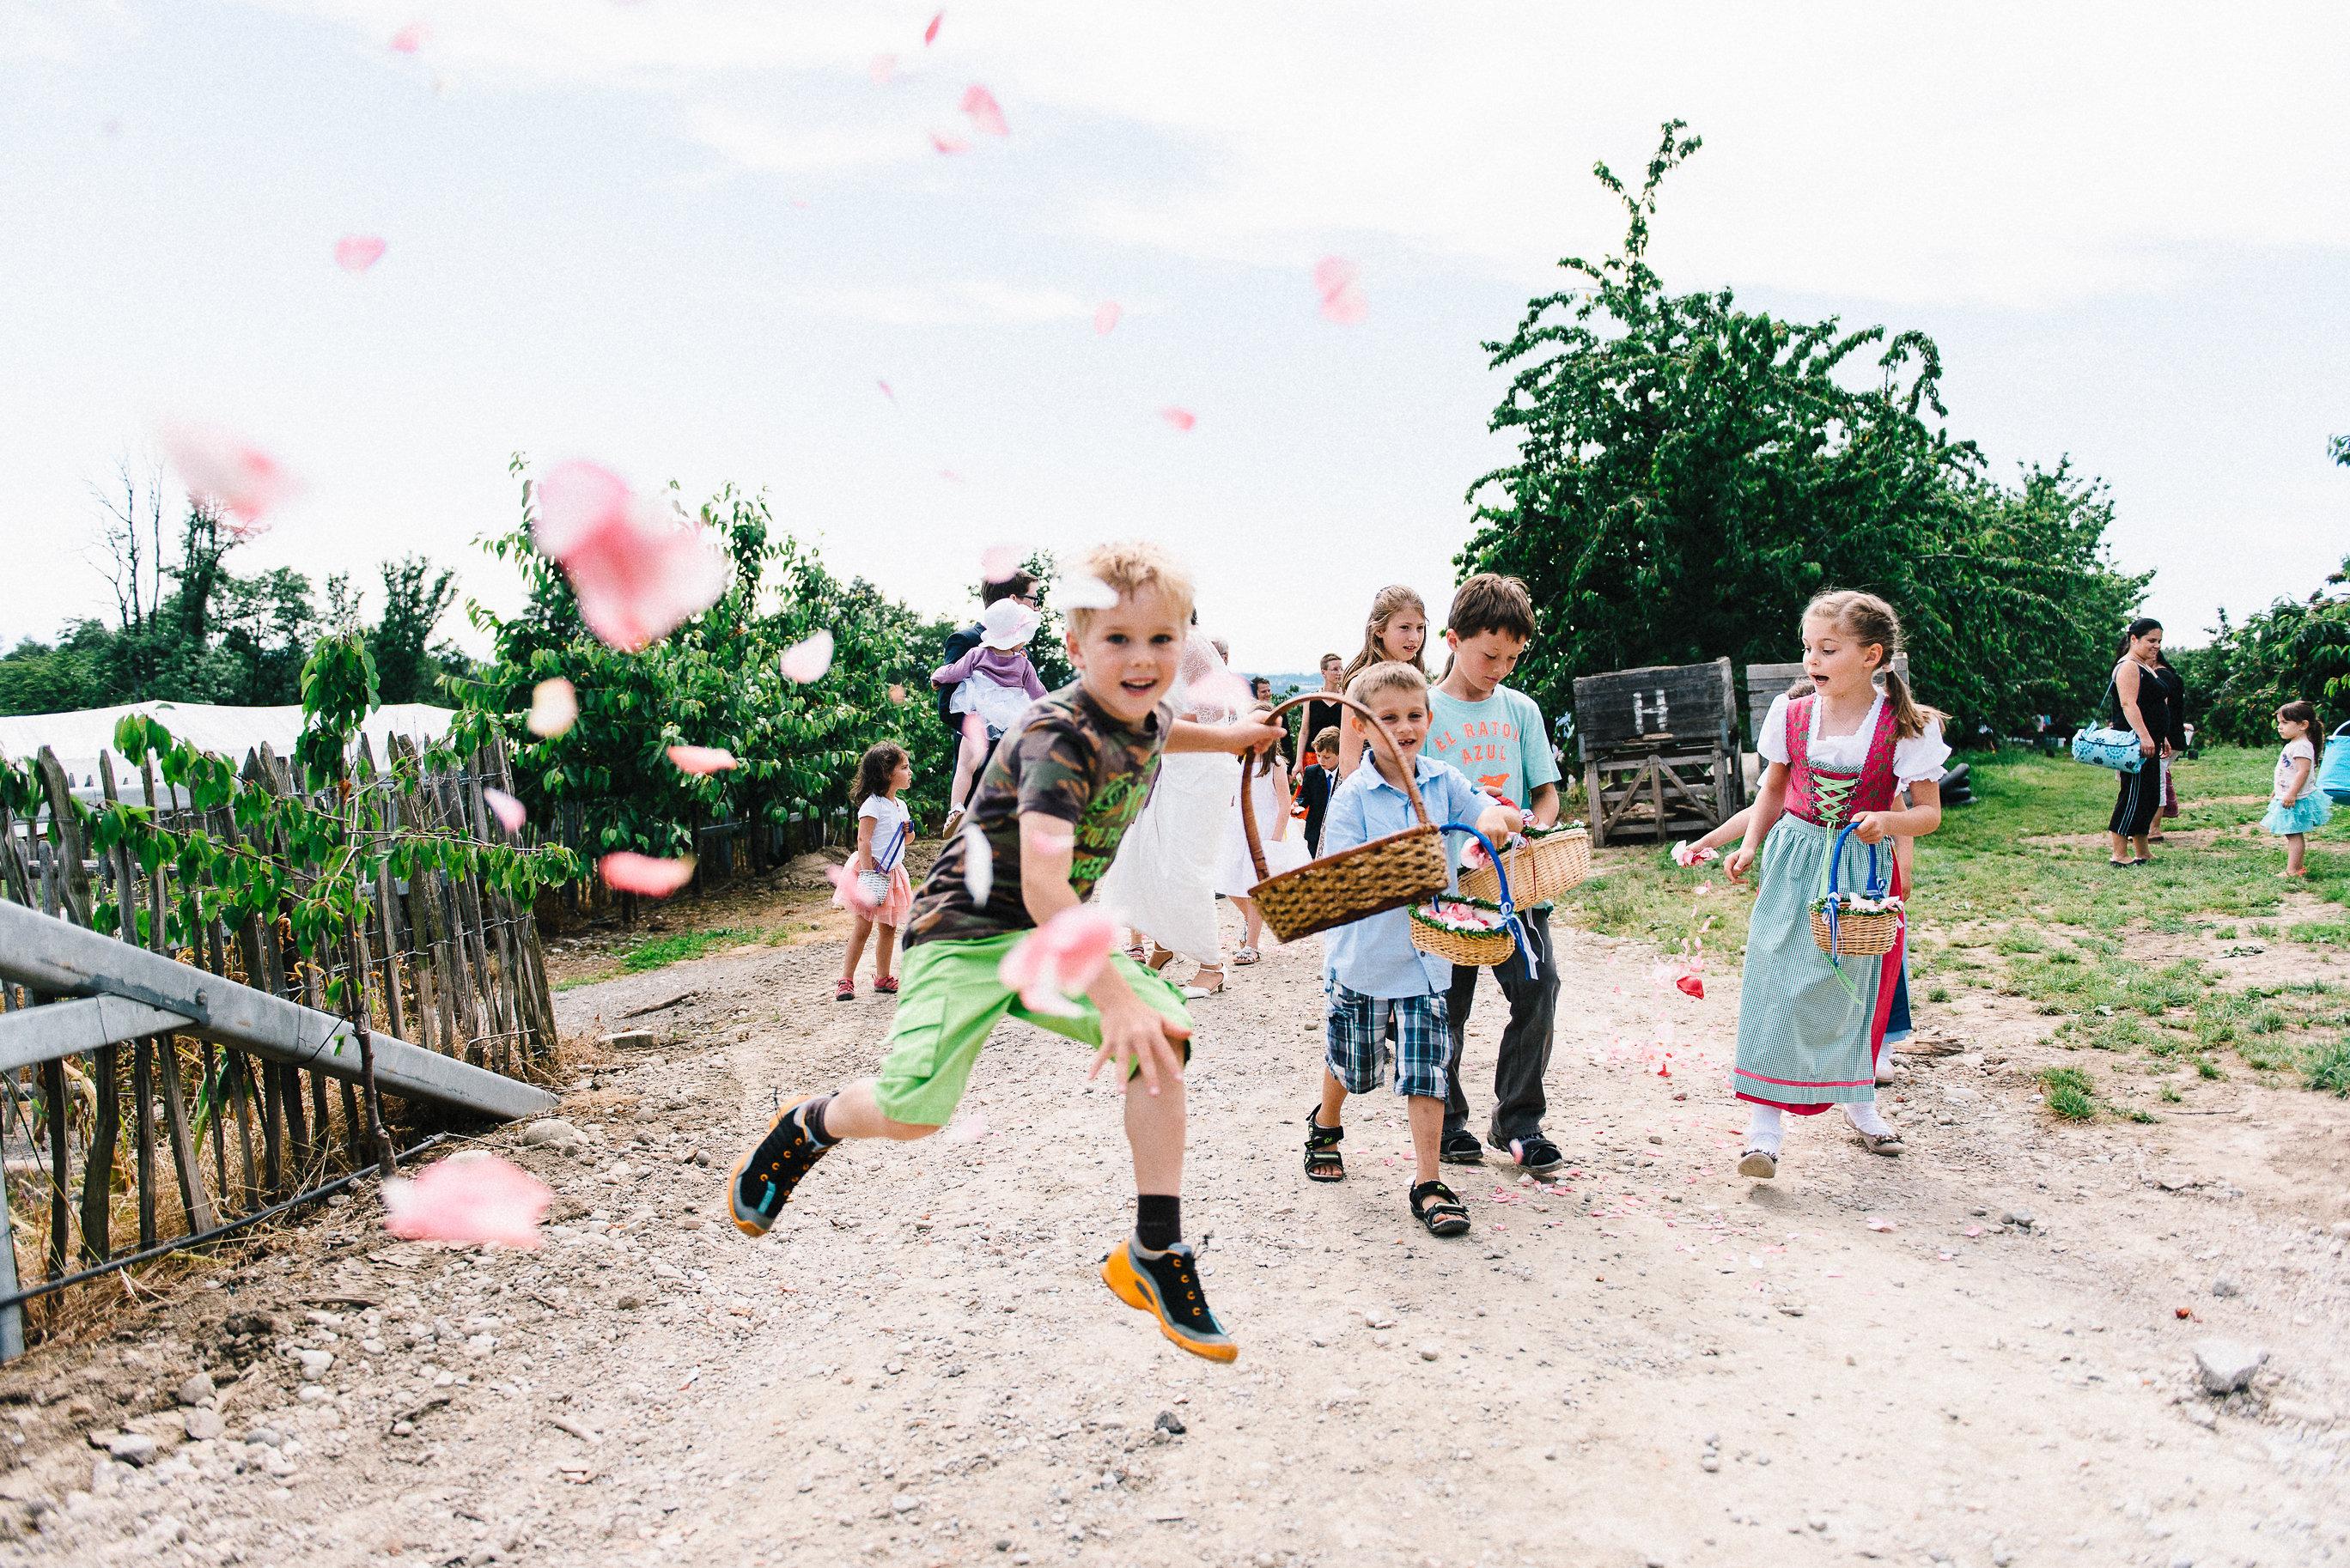 Kinder bei Hochzeiten - Friederike Delong – Freie Trauungen mit der ...